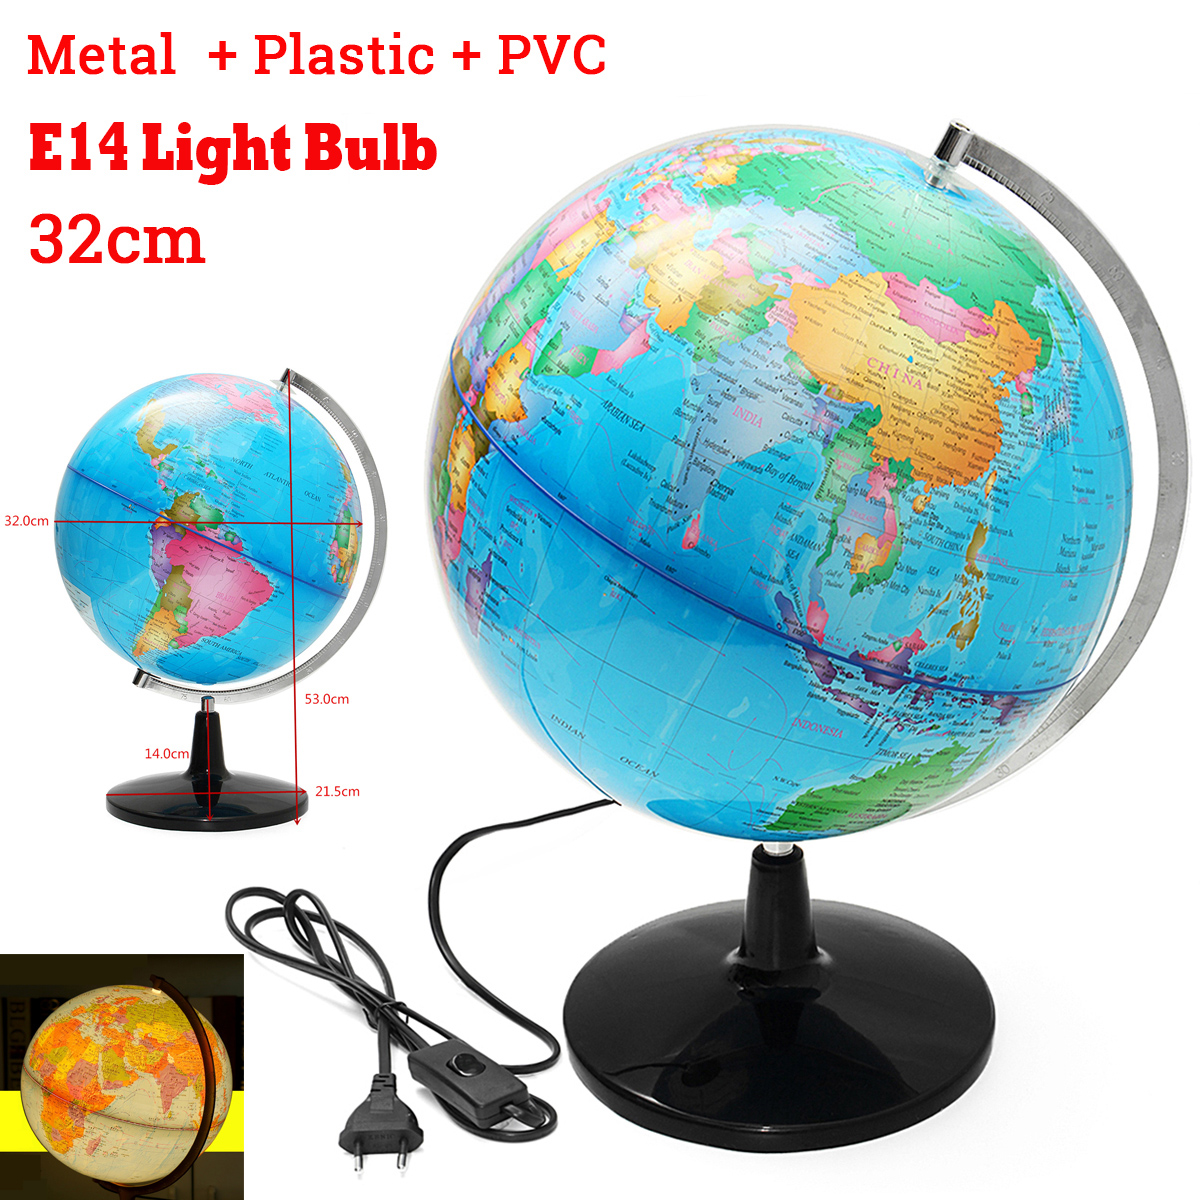 32CM monde terrestre Globe terre carte géographie éducation jouet carte avec support rotatif décoration de la maison bureau ornement